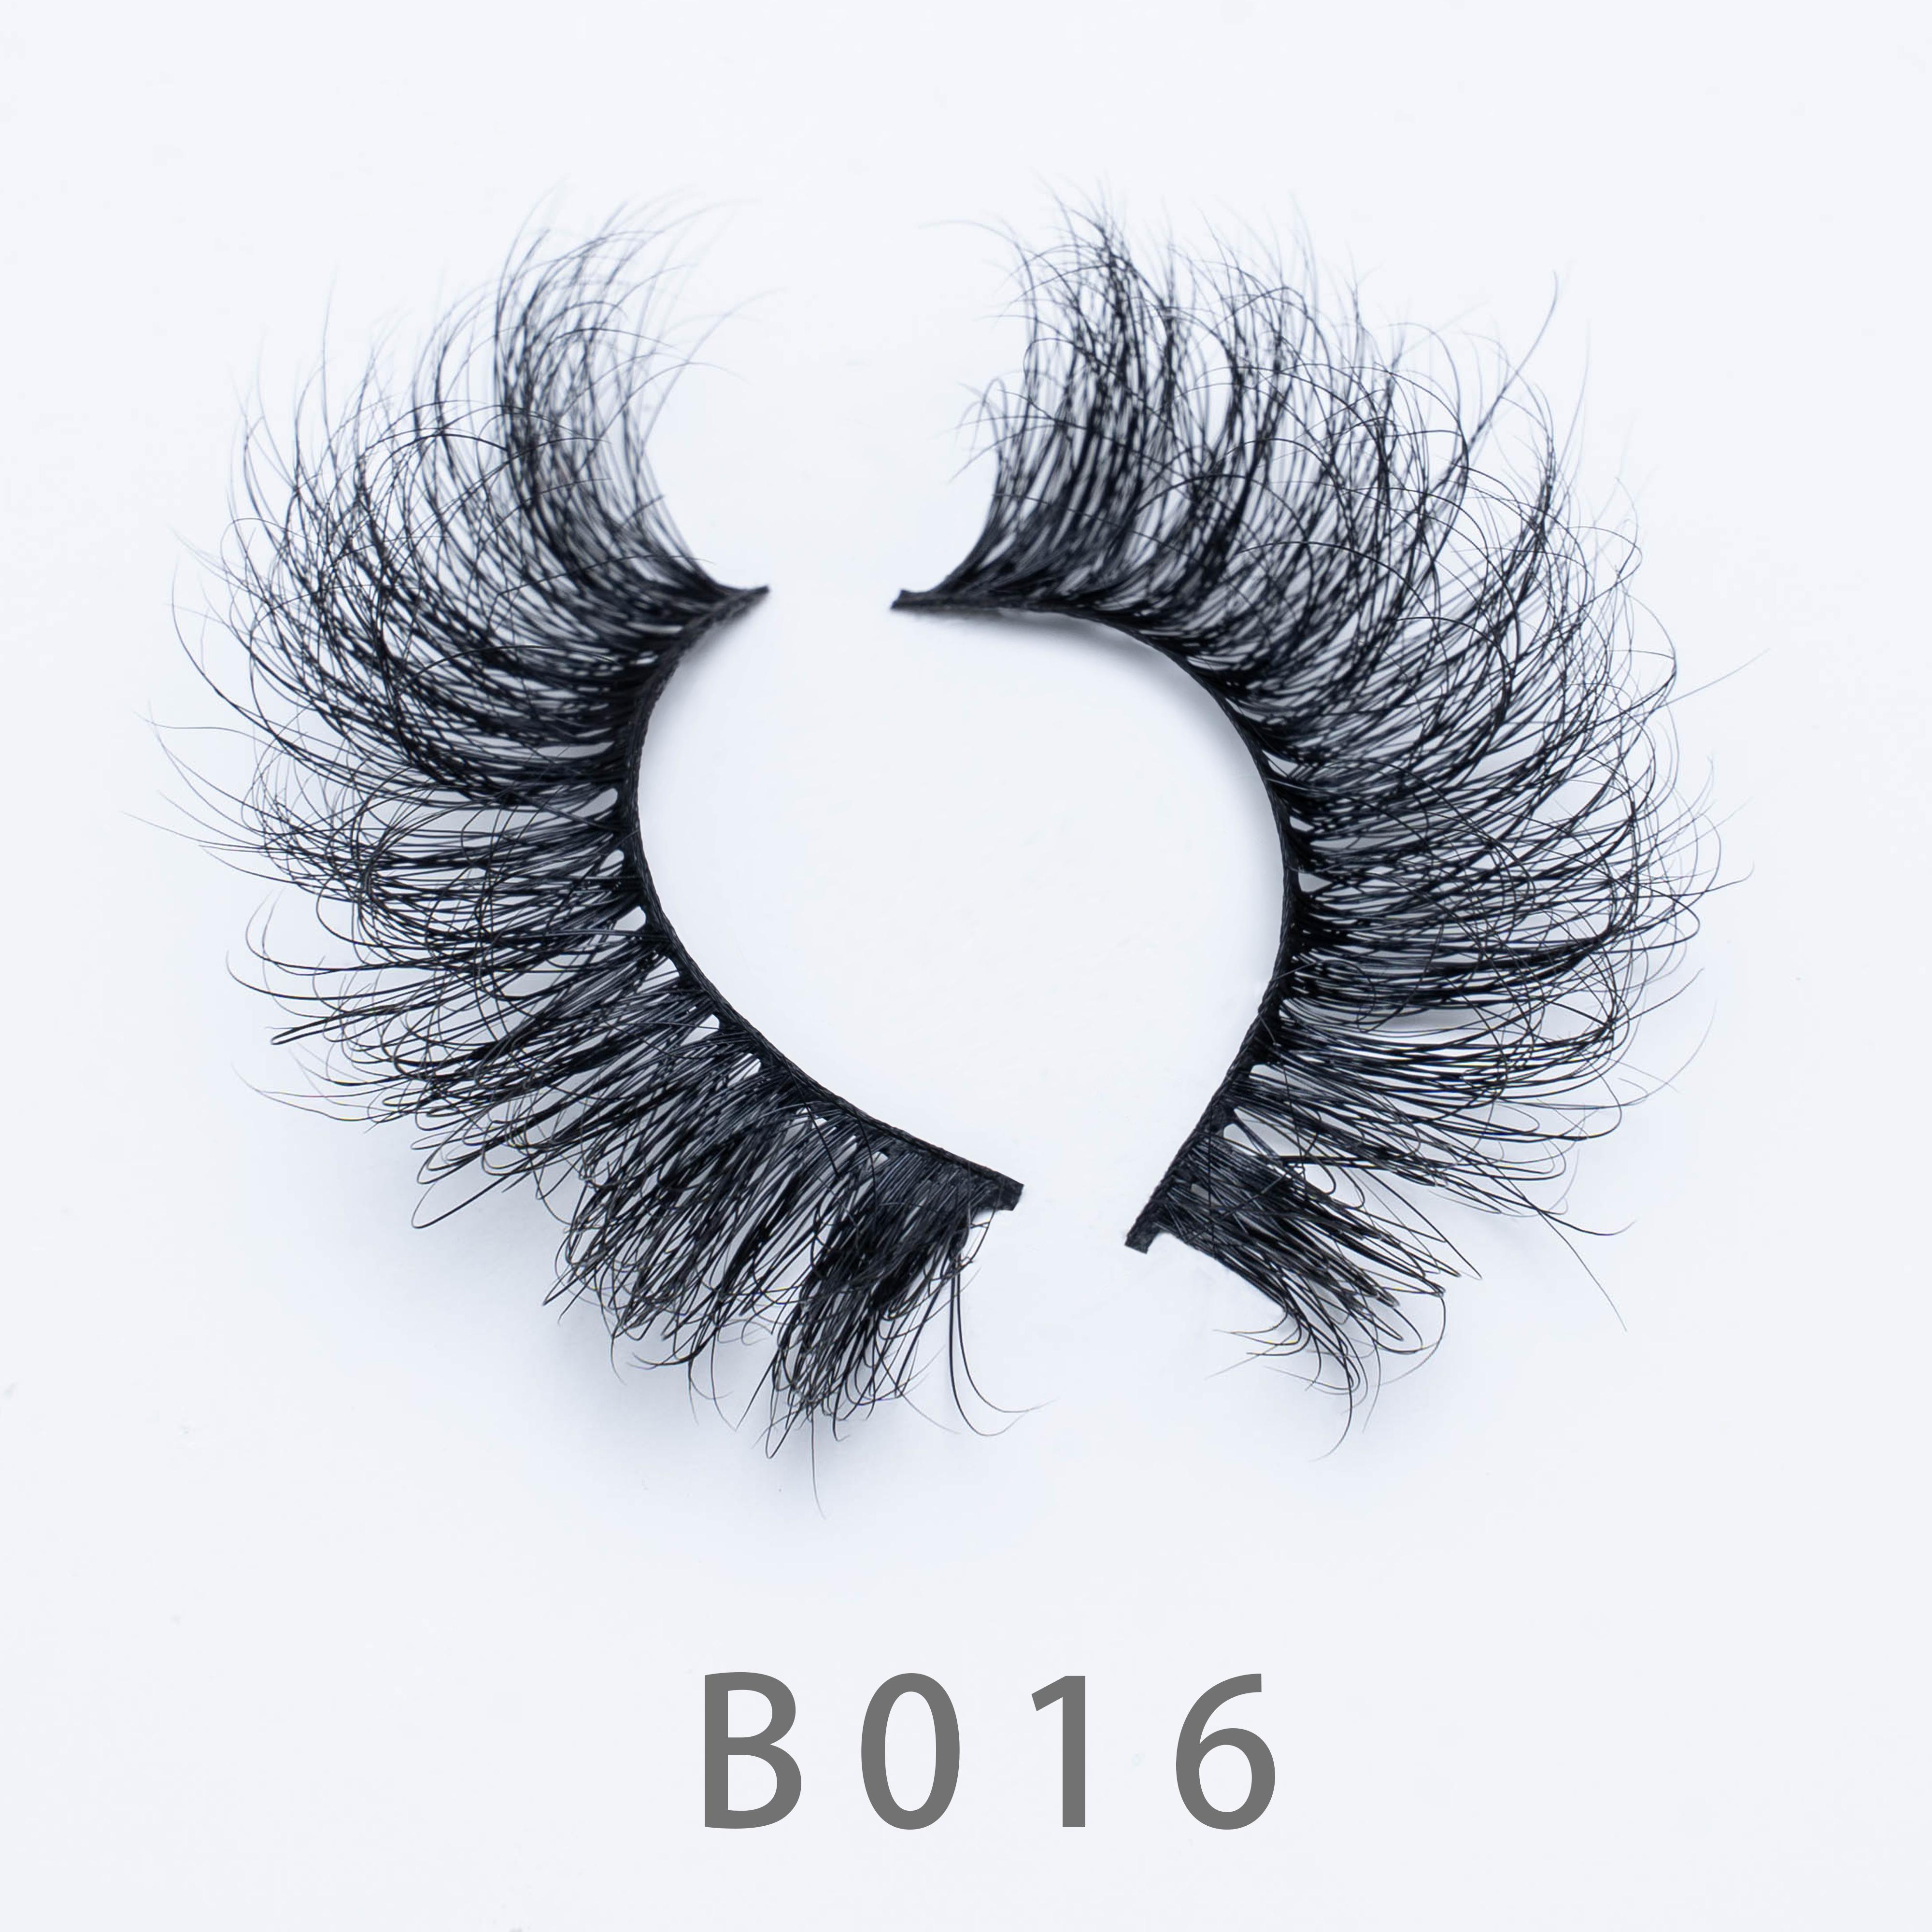 [Mink falsche Wimpern-B16] 3D Mink Wimpern Augen Makeup Mink Gefälschte Wimpern weiche natürliche dicke Wimpern Wimpern mit schönen Kastenpaket